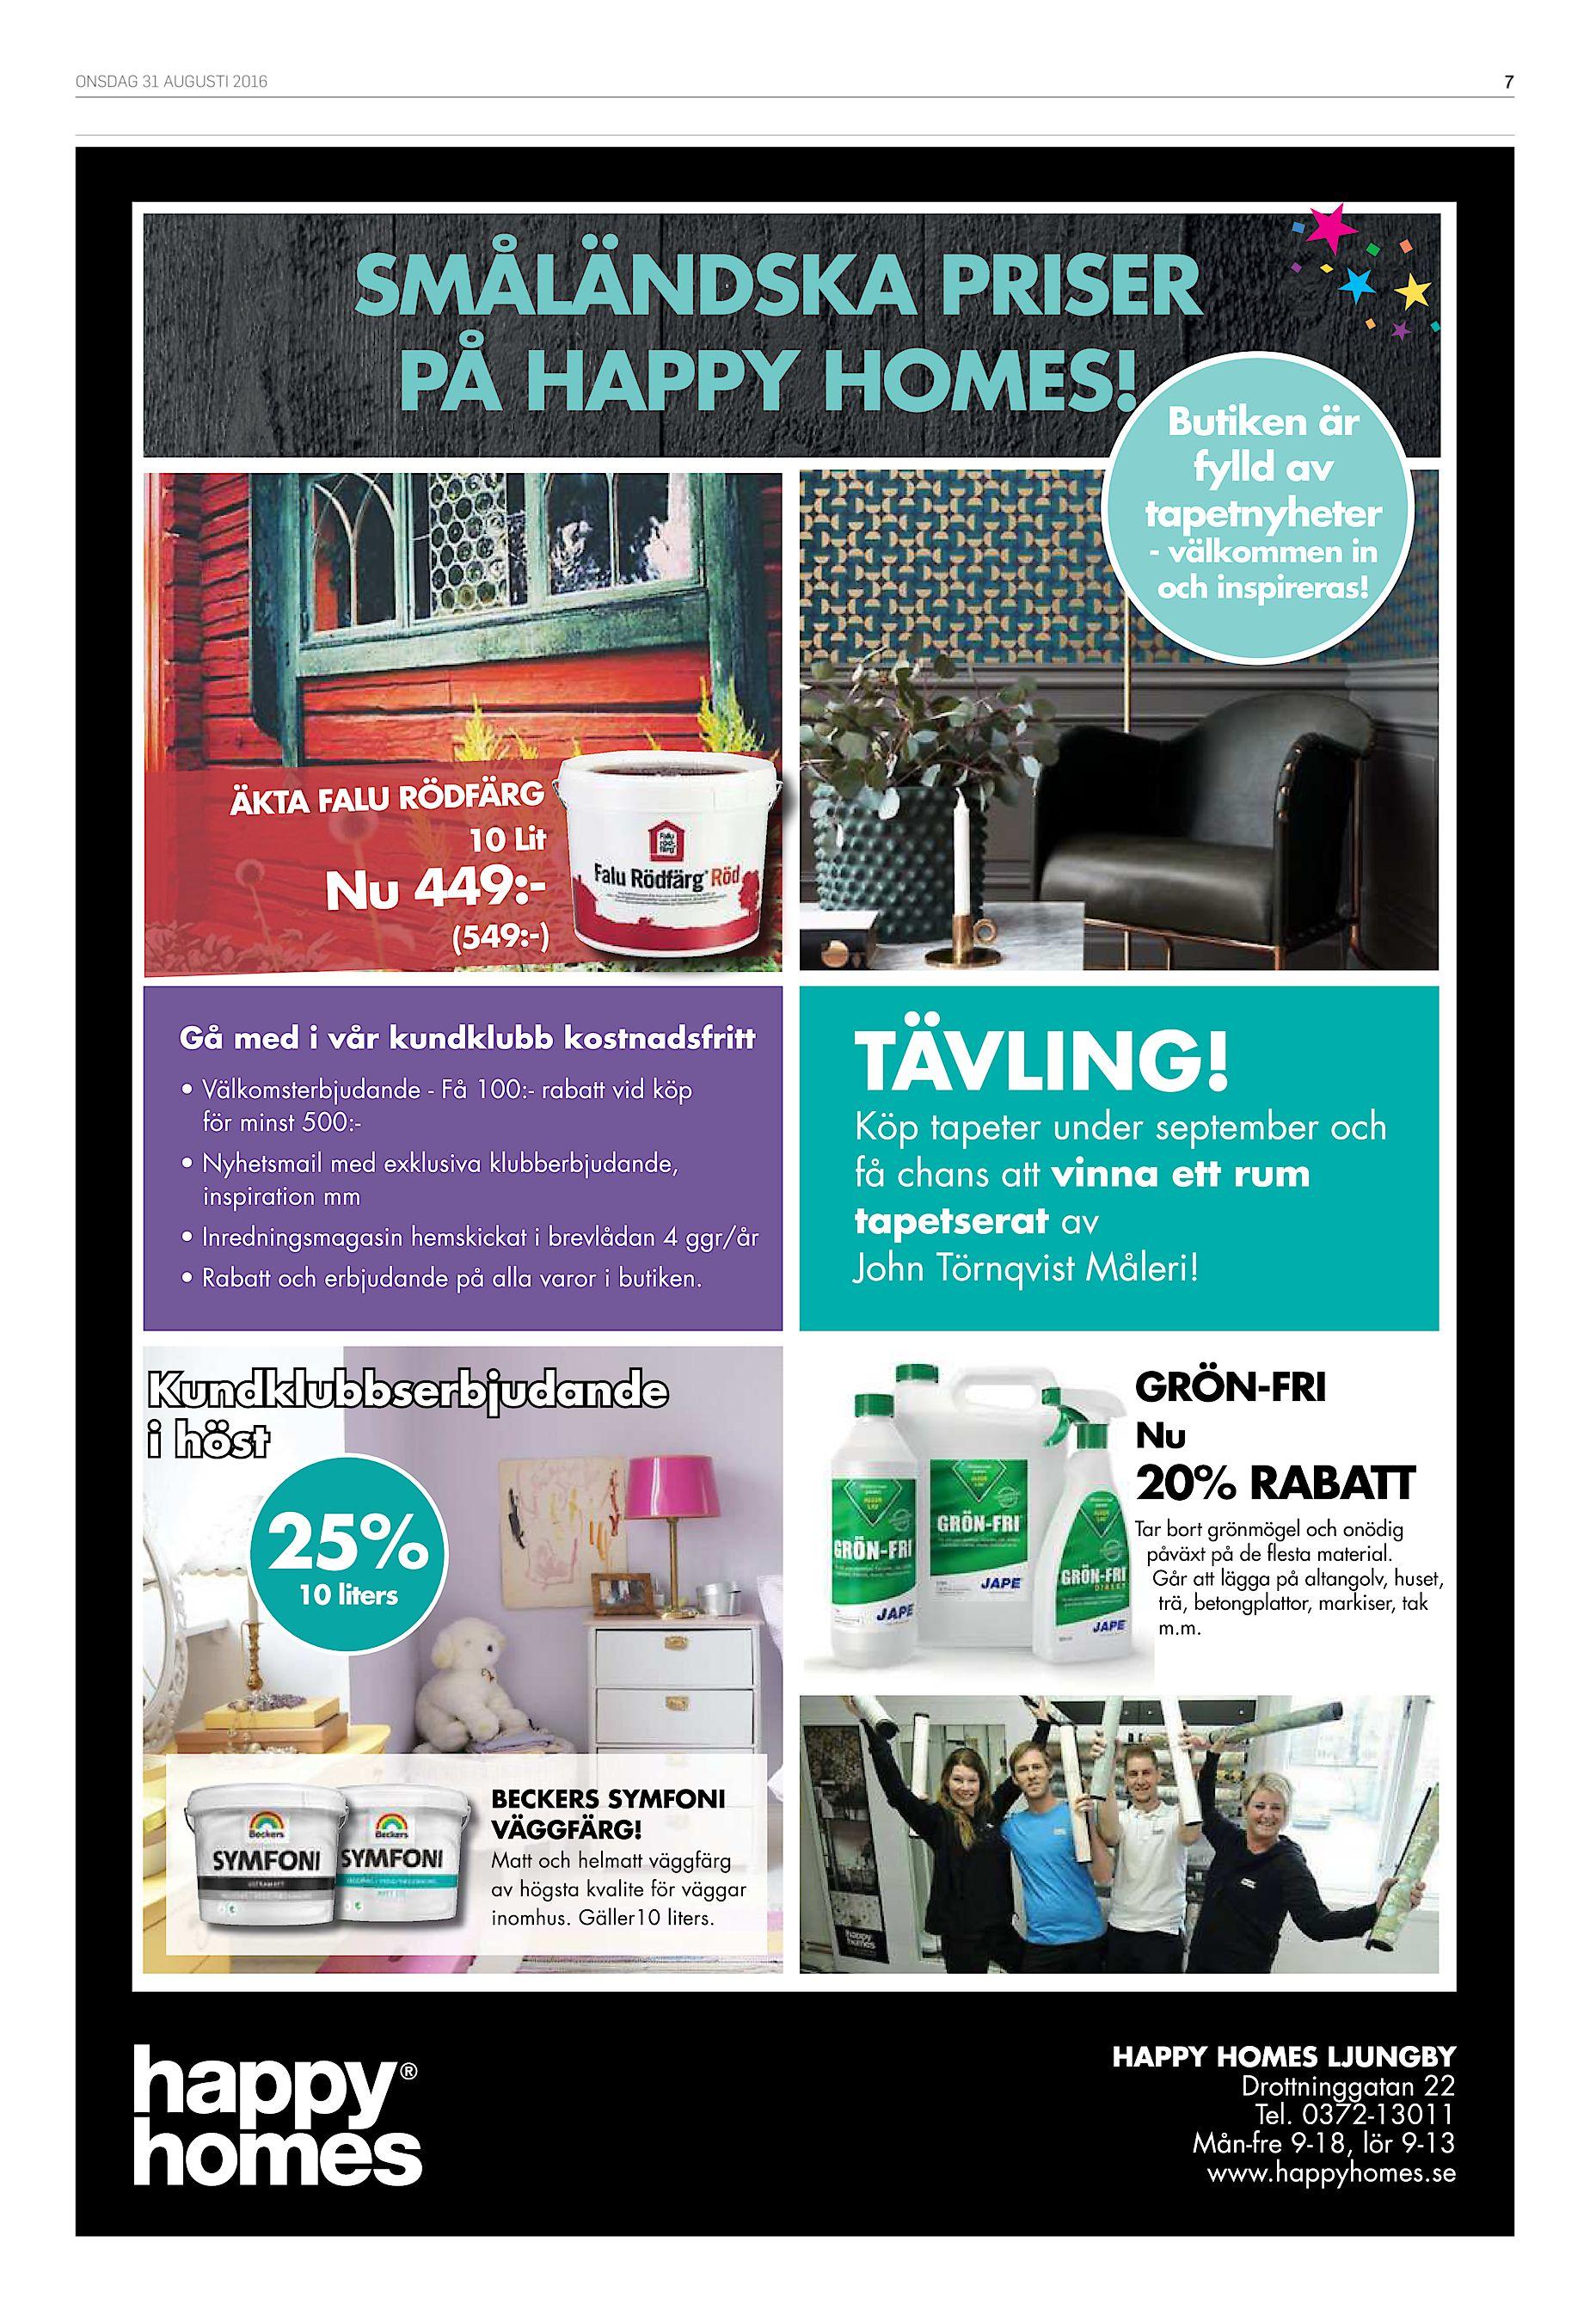 online store 9b607 b2ee9 ONSDAG 31 AUGUSTI 2016 7 SMÅLÄNDSKA PRISER PÅ HAPPY HOMES! Butiken är fylld  av tapetnyheter - välkommen in och inspireras! ÄKTA FALU RÖDFÄRG 10 Lit Nu  449 - ...